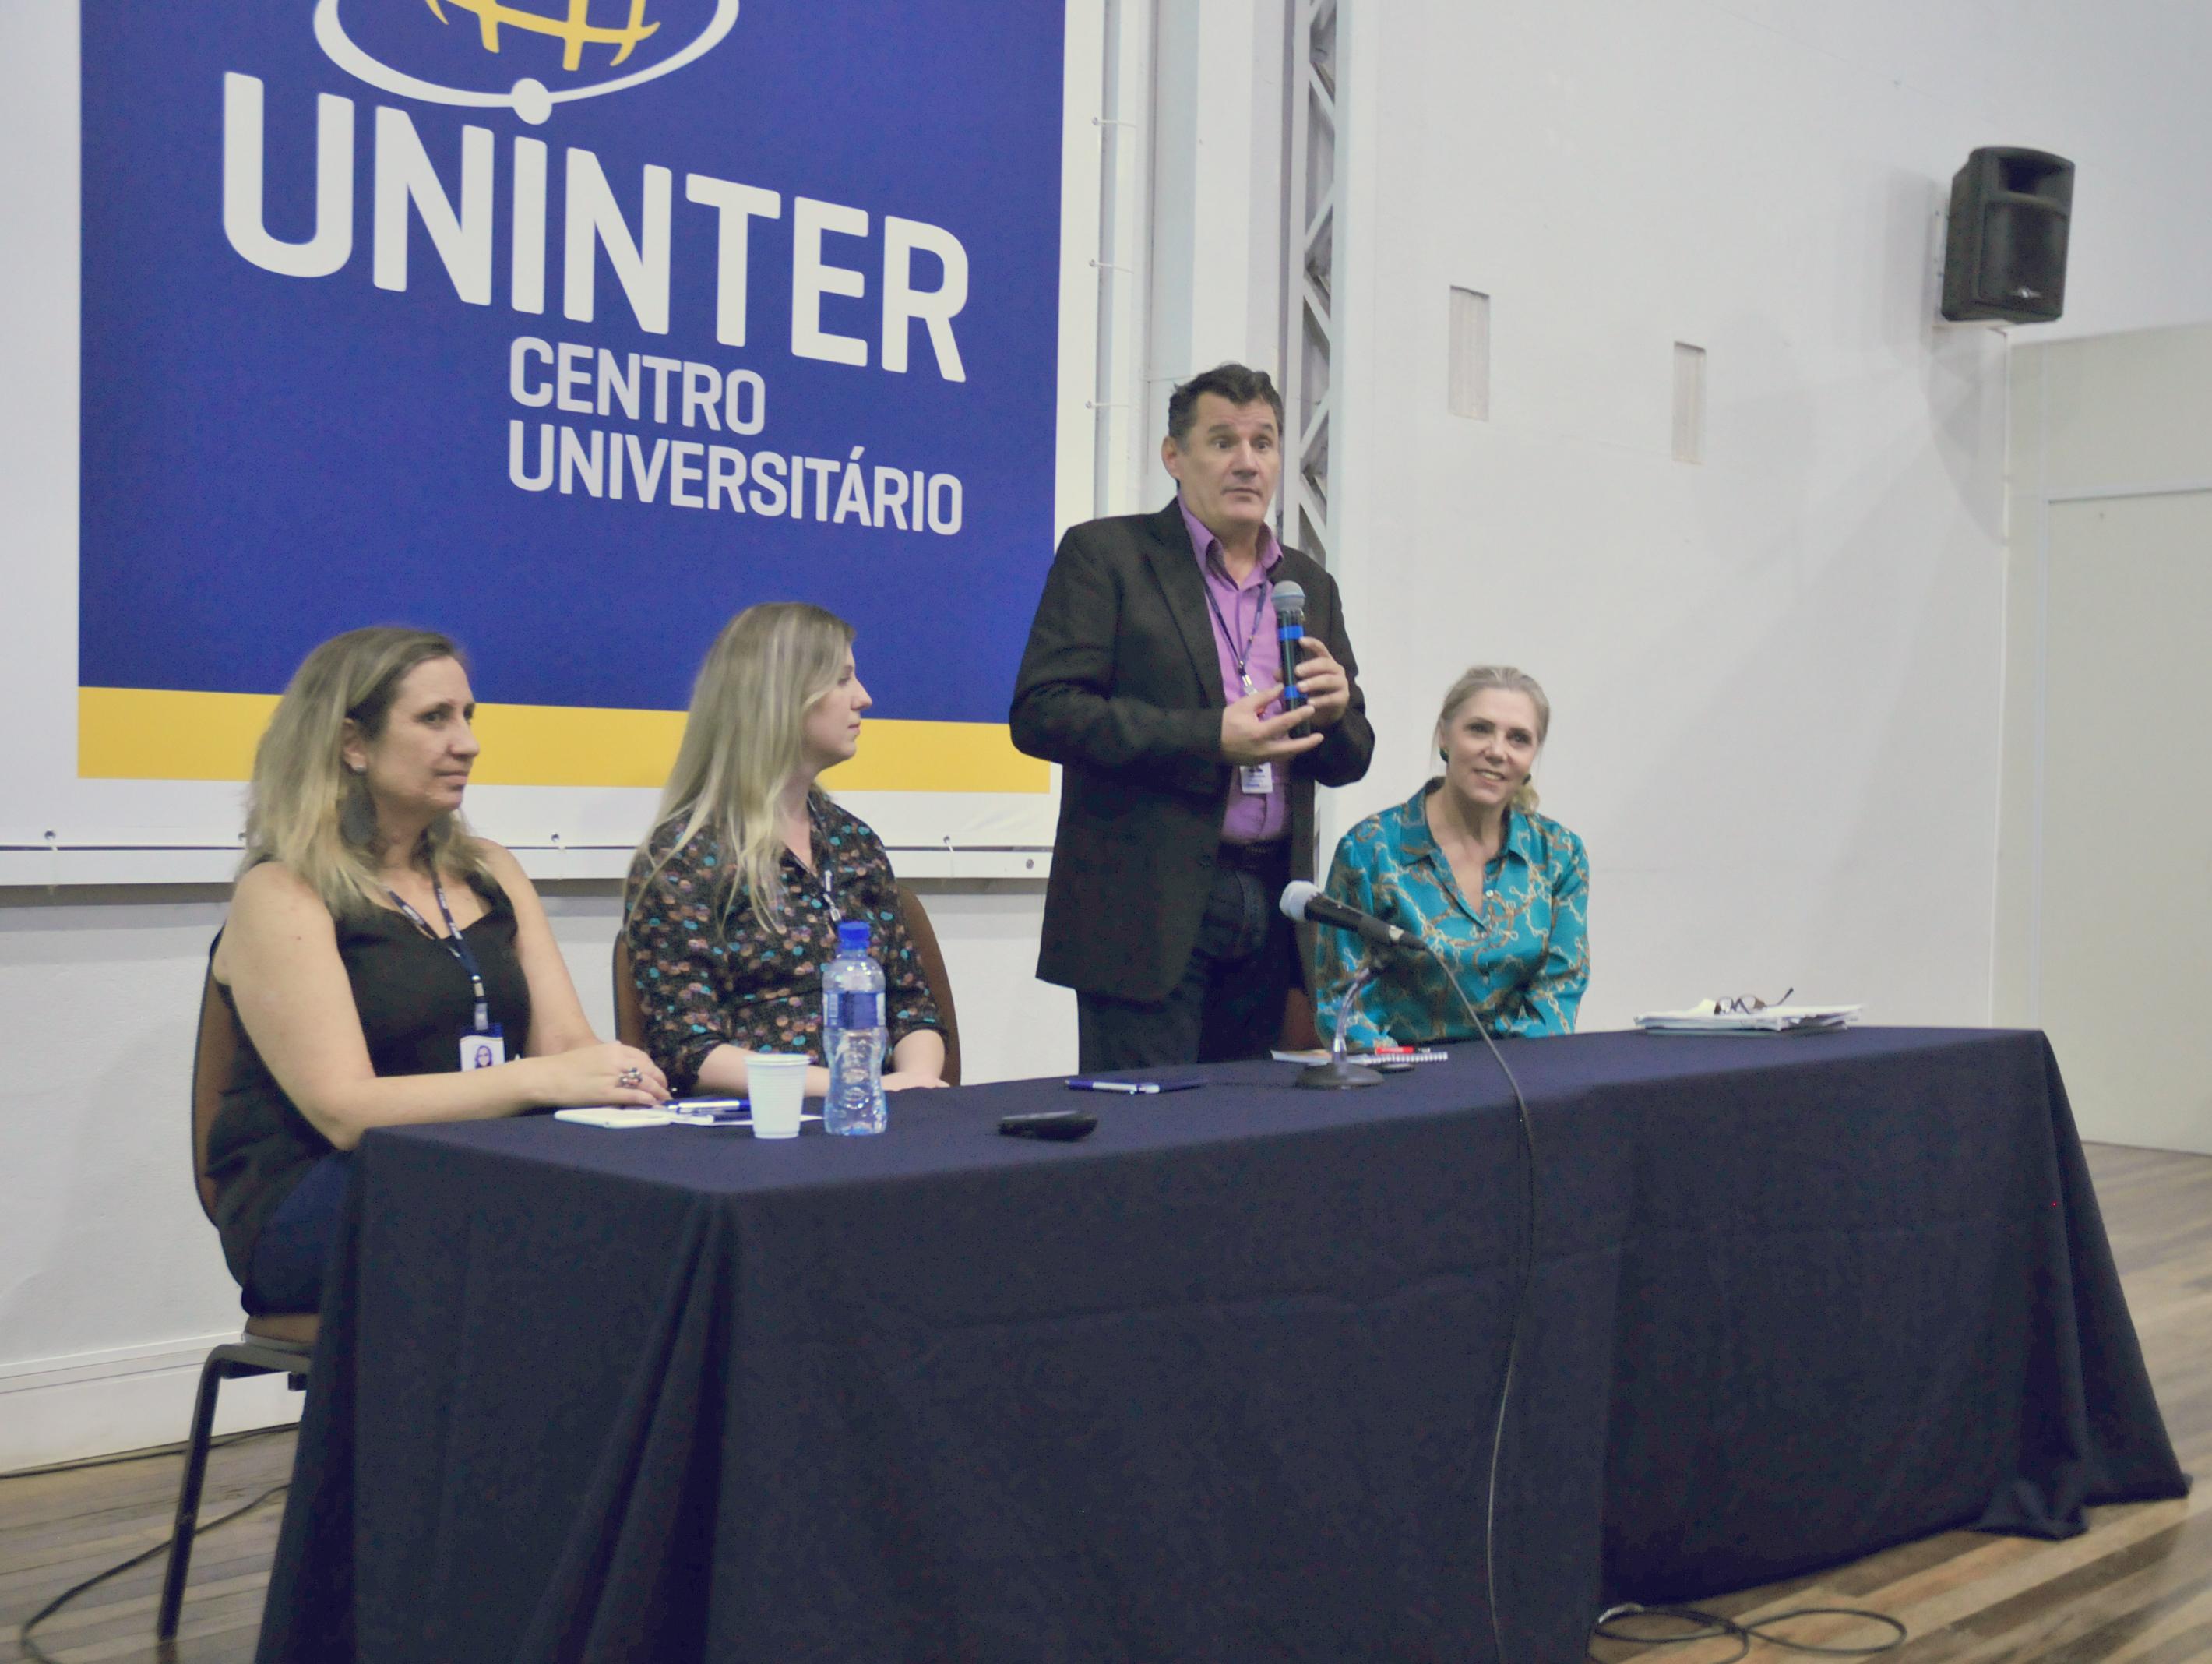 Mesa de discussão a respeito do profissional de Serviços Sociais